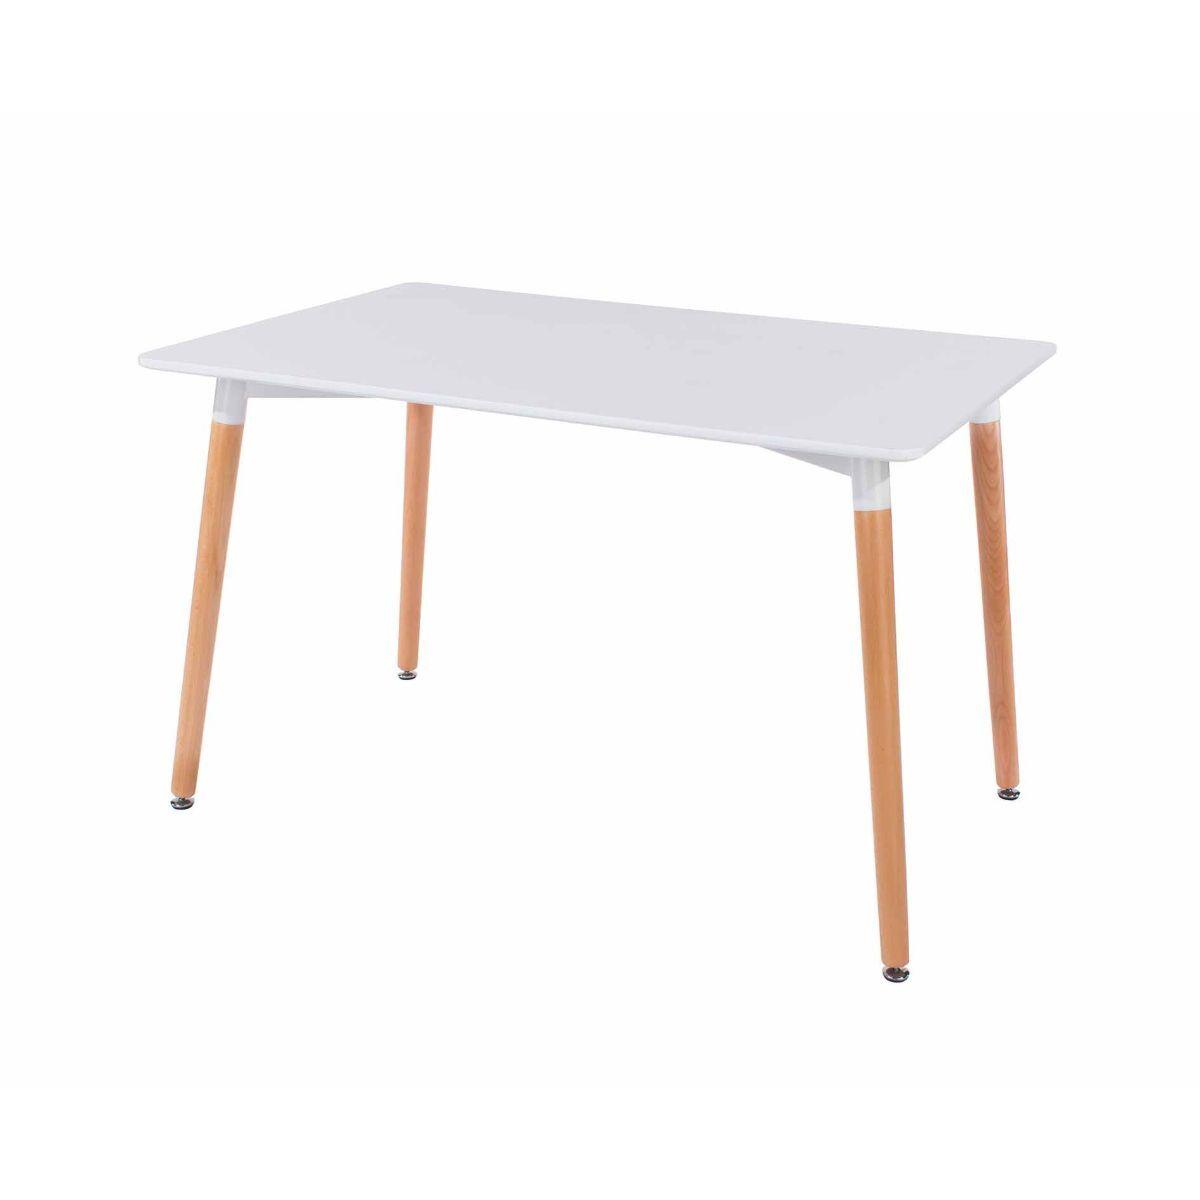 Aspen Rectangular Table With Wooden Legs White